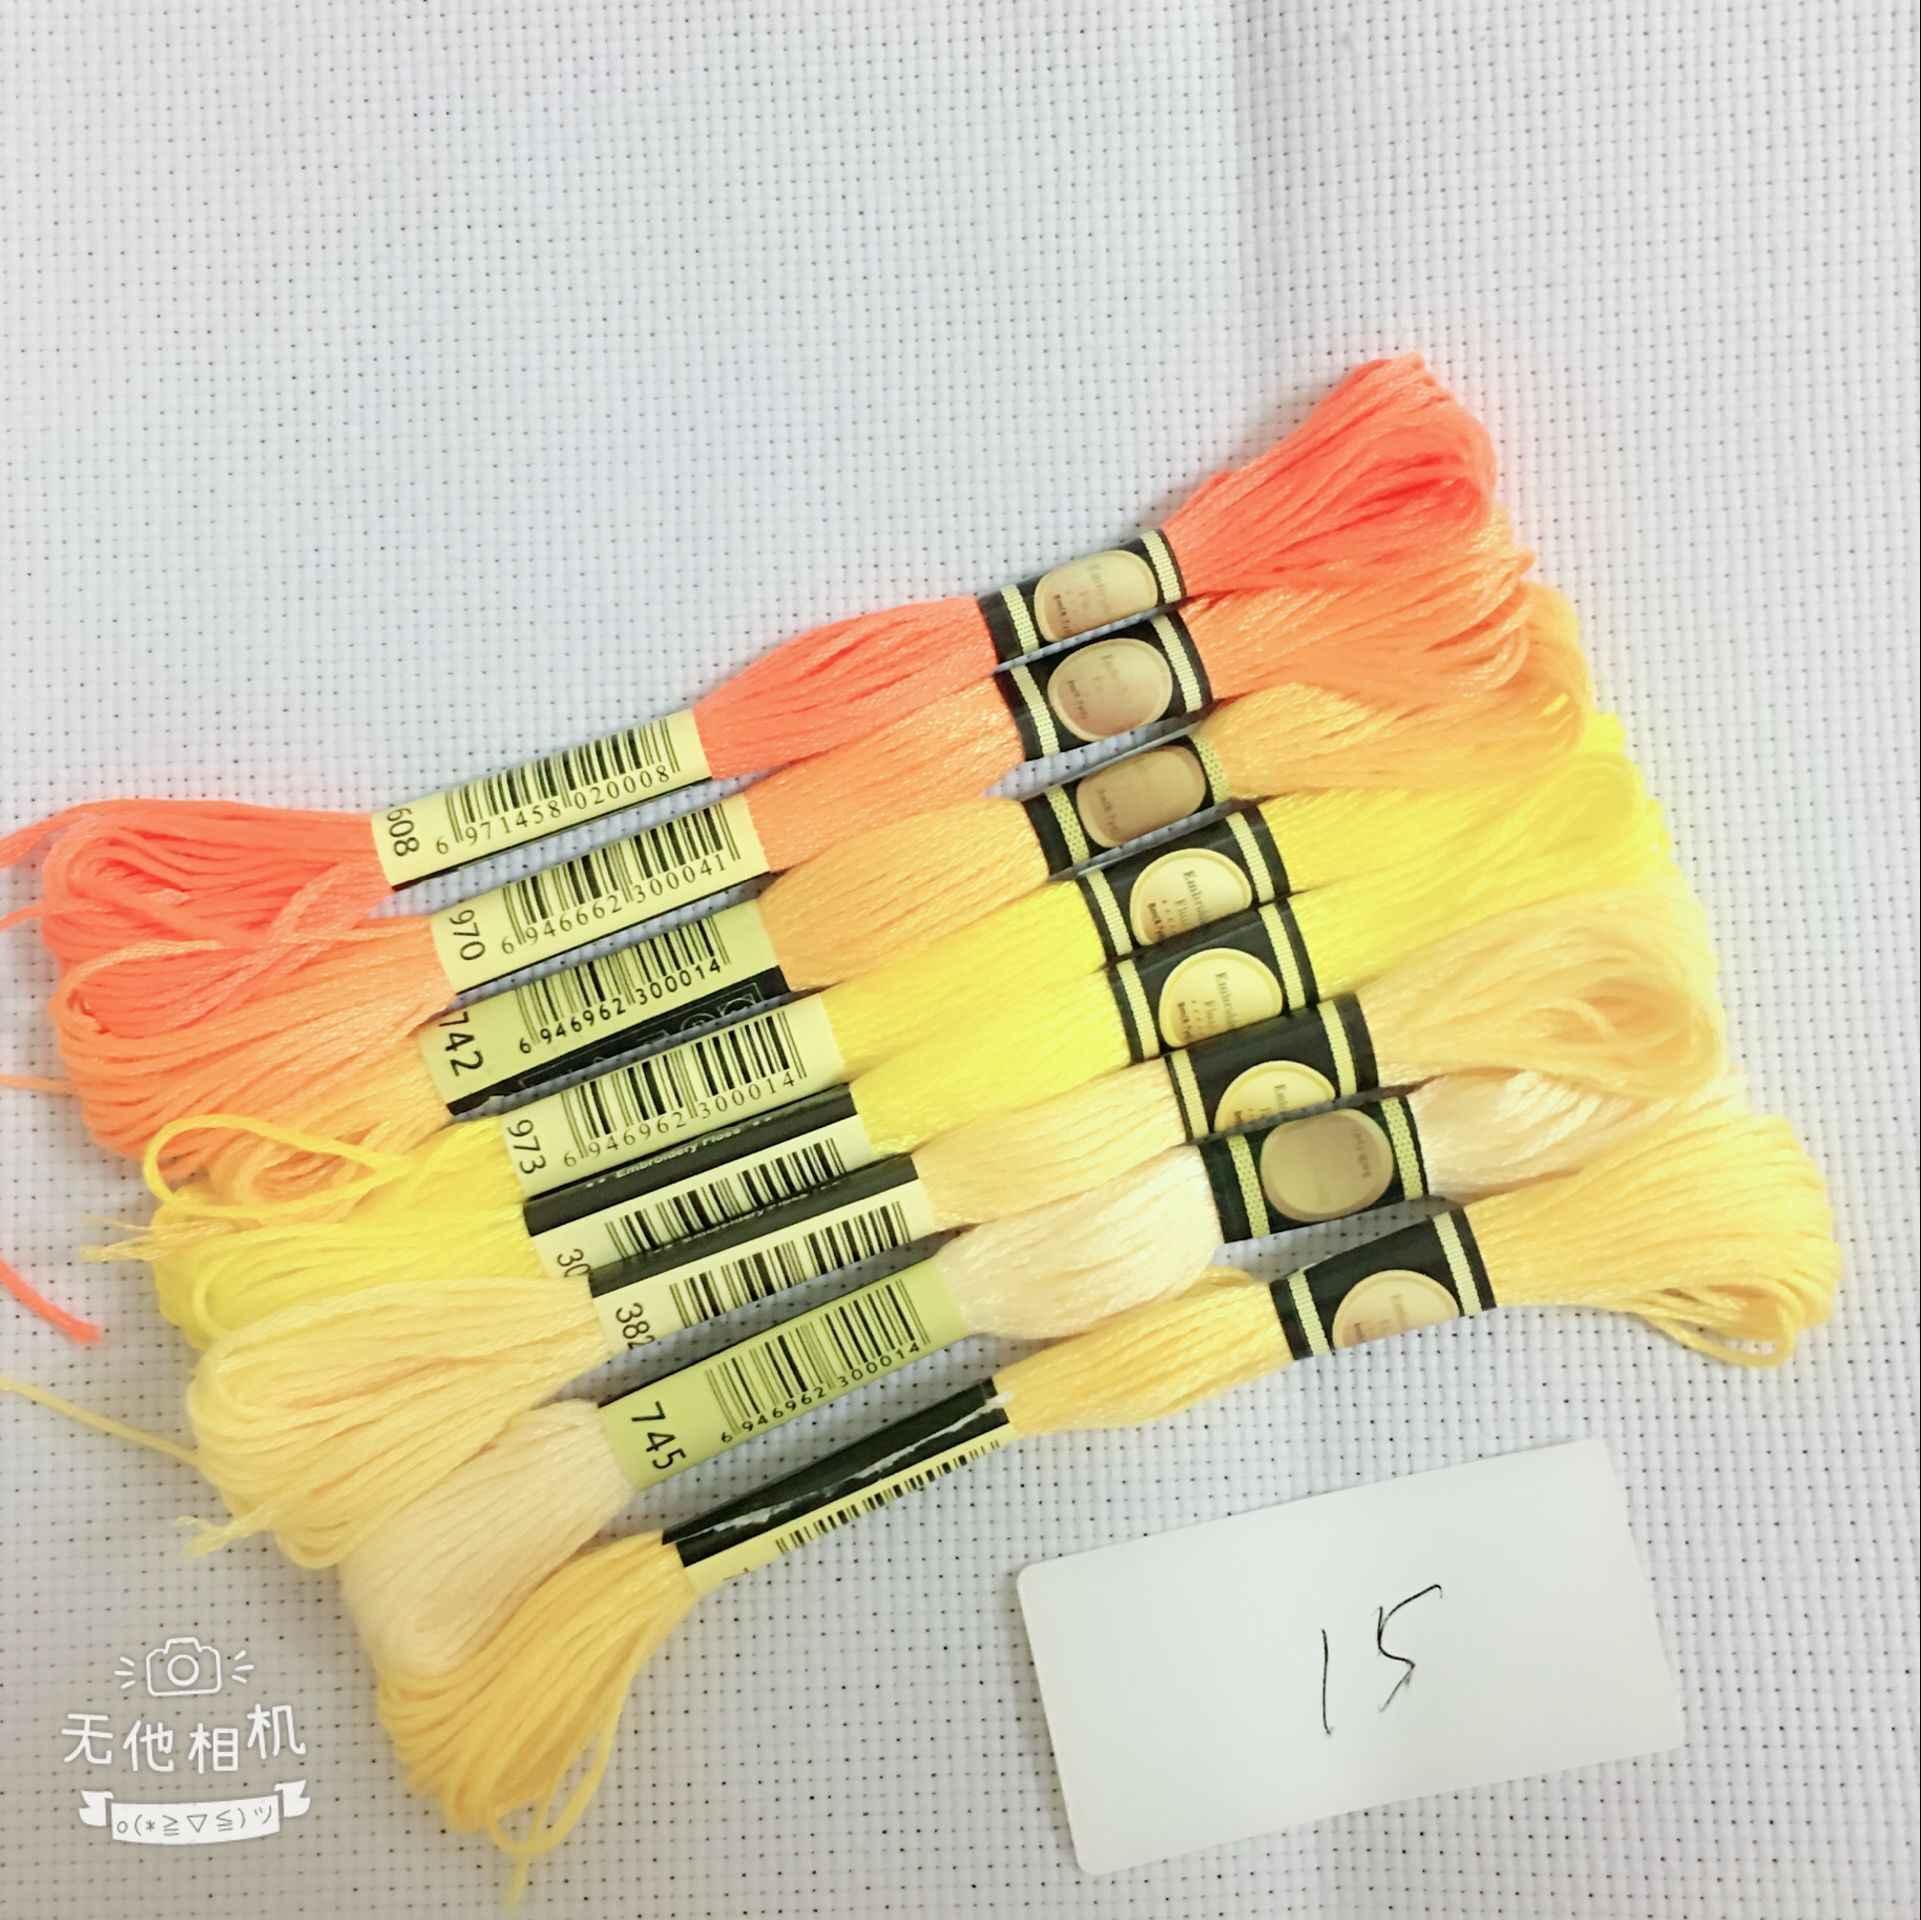 YZXINYUAN 8 ชิ้น/ล็อตคำสีหัวข้อปักครอสติส Floss 6 หุ้นเย็บปักถักร้อยด้ายเย็บ Skeins Craft สำหรับ